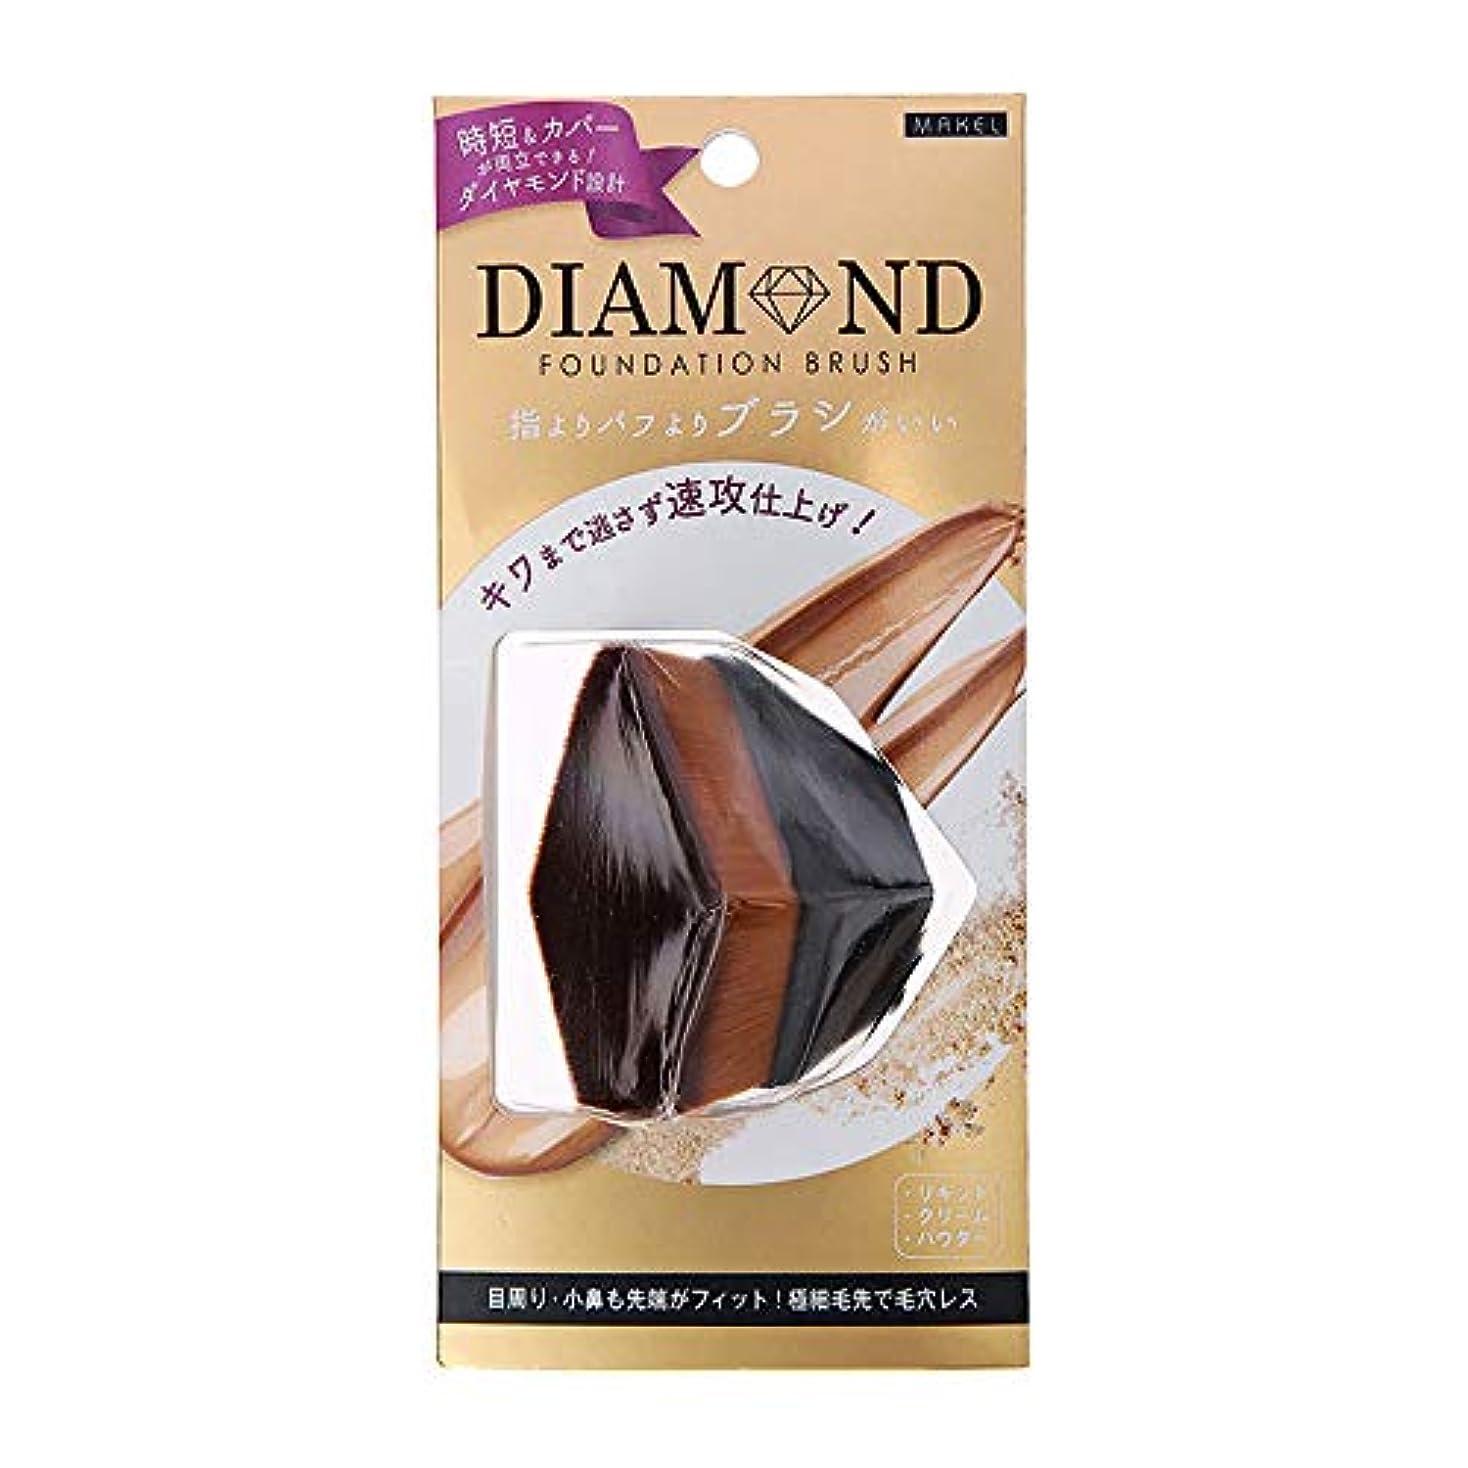 市民直立すべきダイヤモンドファンデーションブラシ(ブラック) DIB1500